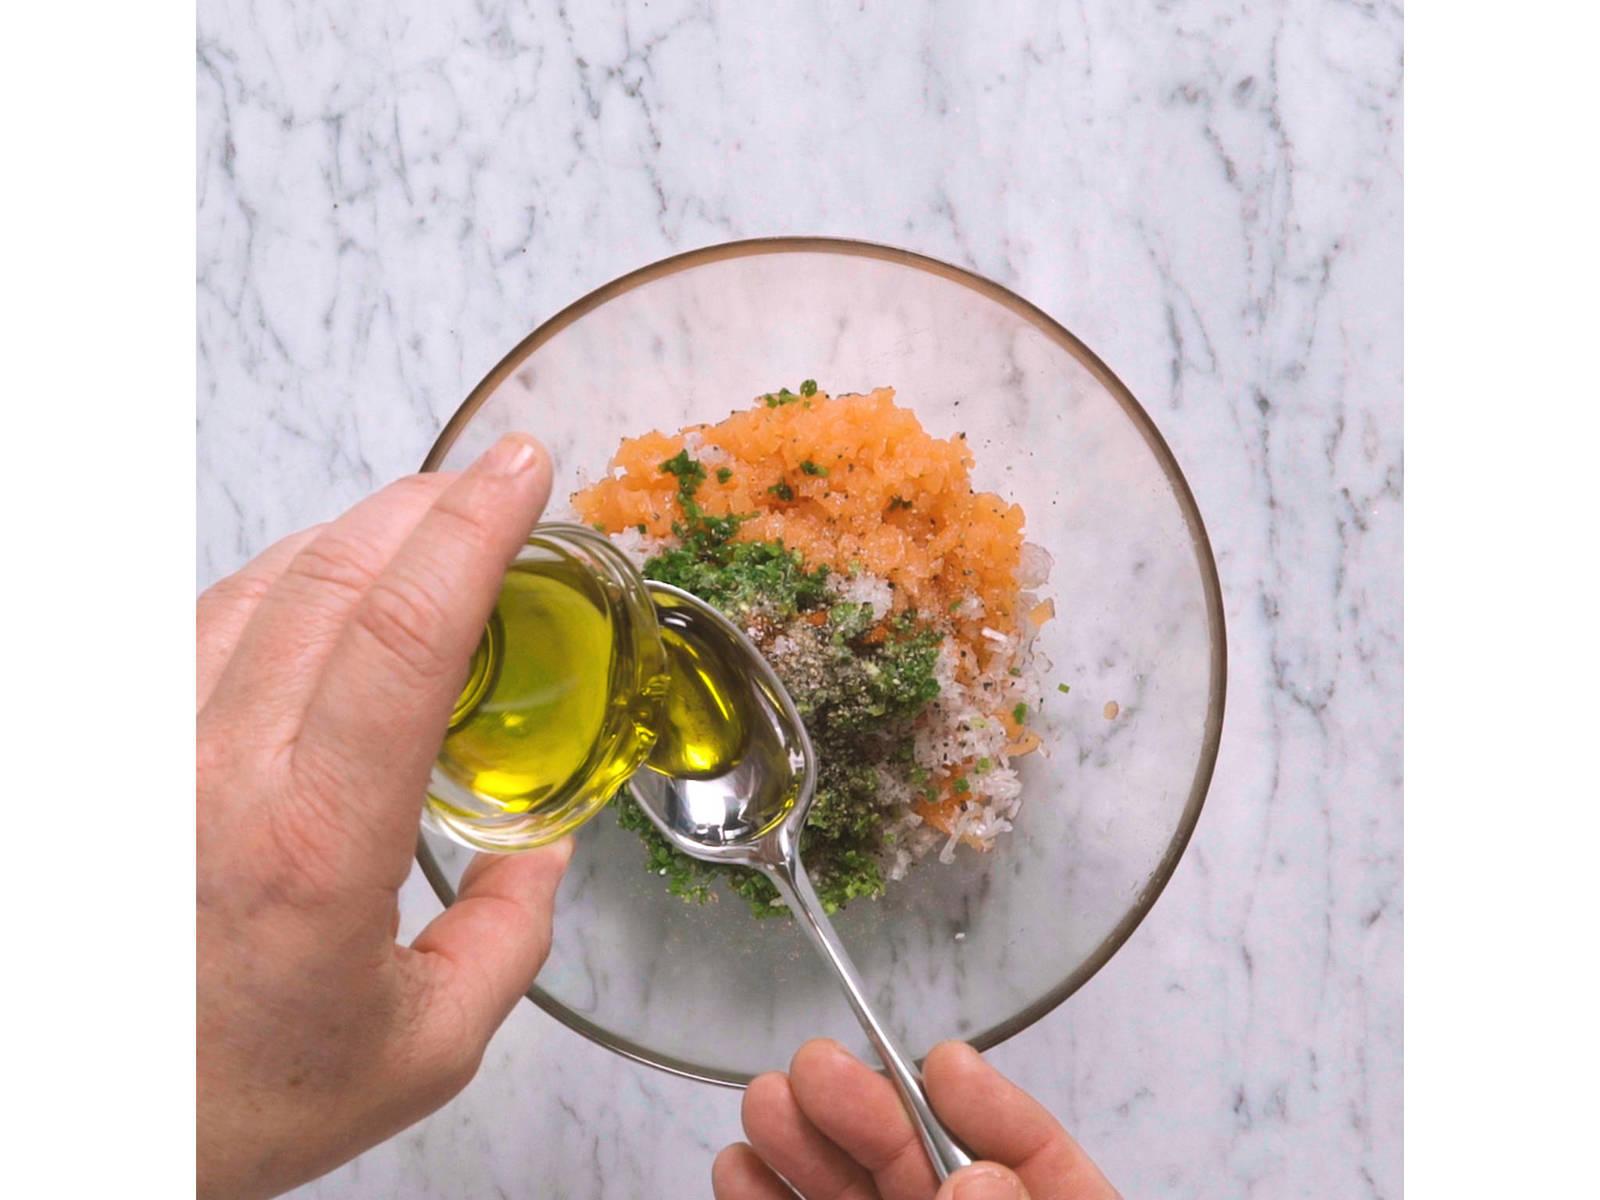 Für das Lachs-Tartar, Räucherlachs und Schalotten sehr fein würfeln. Schnittlauch hacken. Lachs, Schalotten, etwas Limettensaft und Olivenöl in einer Schüssel vermengen. Mit Salz, Pfeffer und Cayennepfeffer abschmecken. Beiseitestellen.